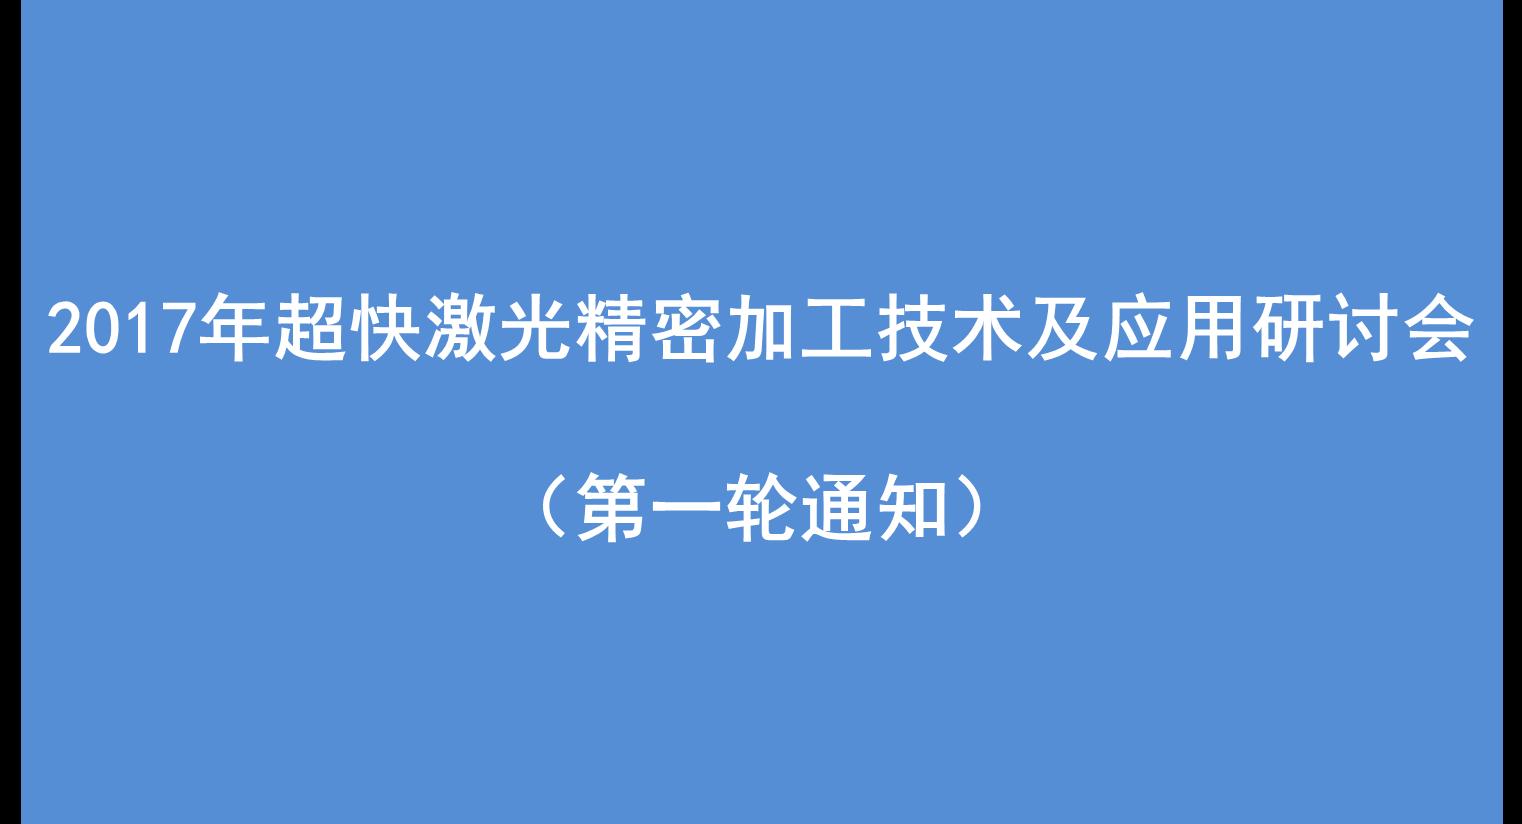 2017年超快激光精密加工技术及应用研讨会(杭州)(第一轮通知)<br />